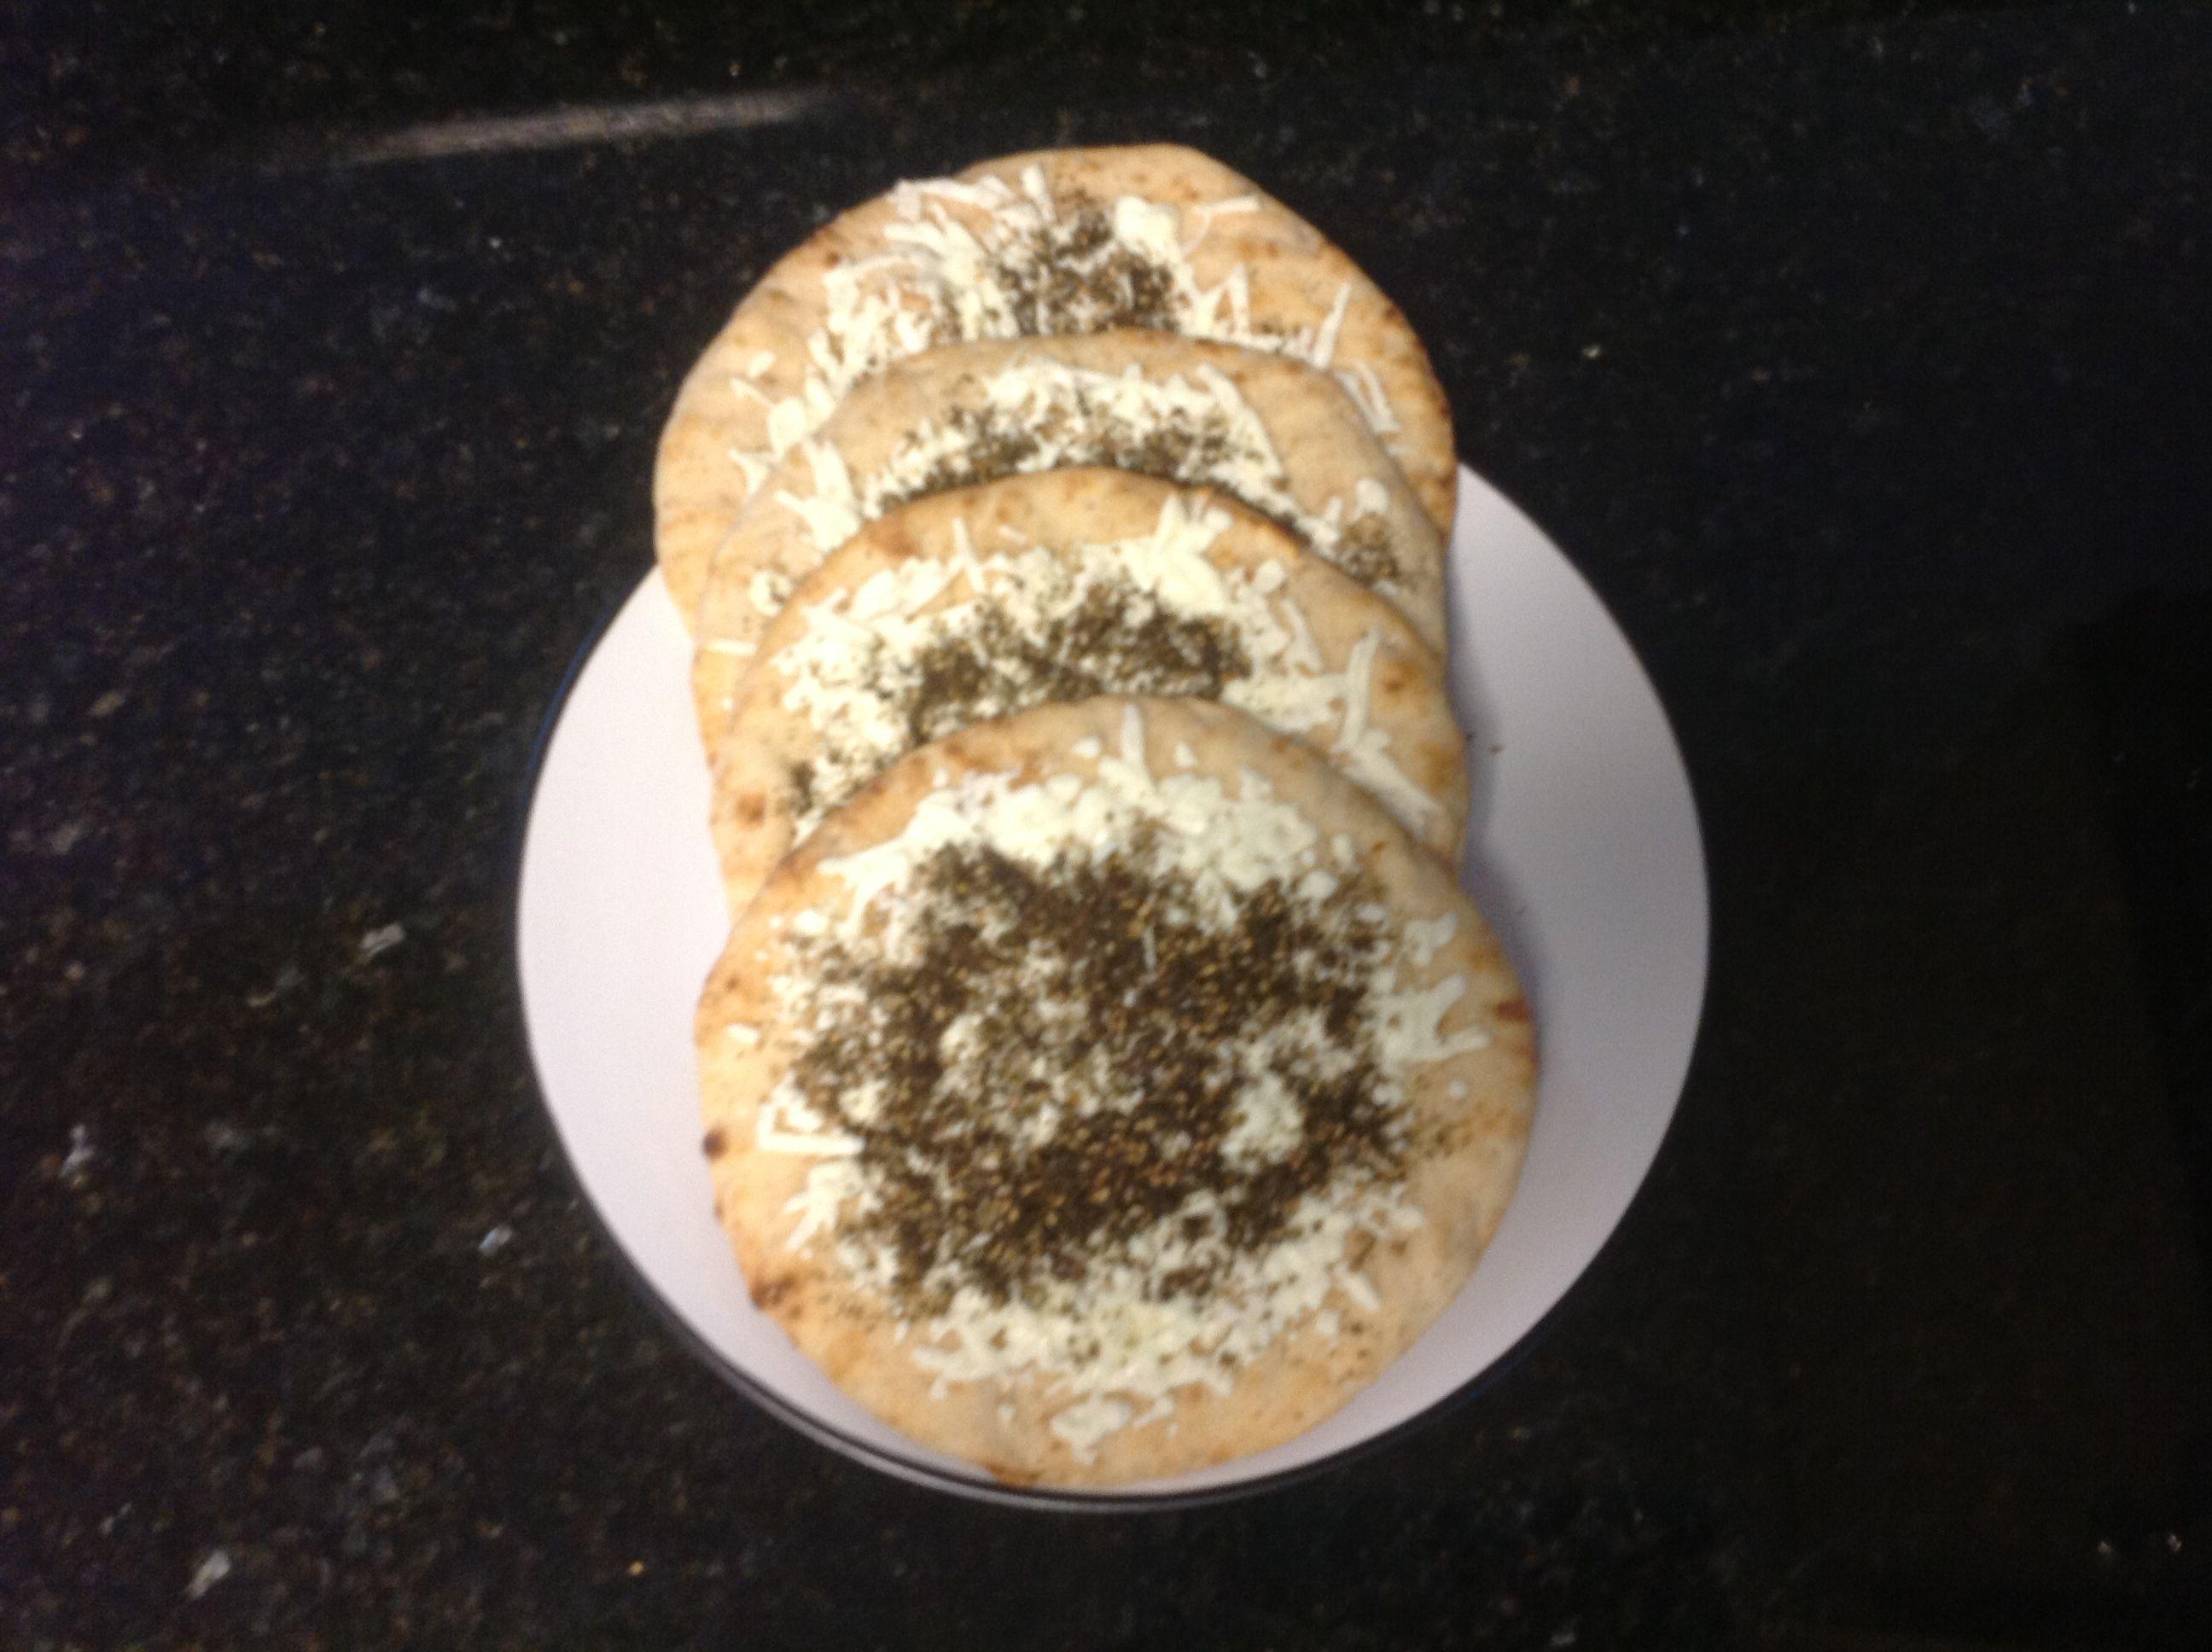 مناقيش جبنه و زعتر Cheese Zater Pies Food And Drink Food Bread